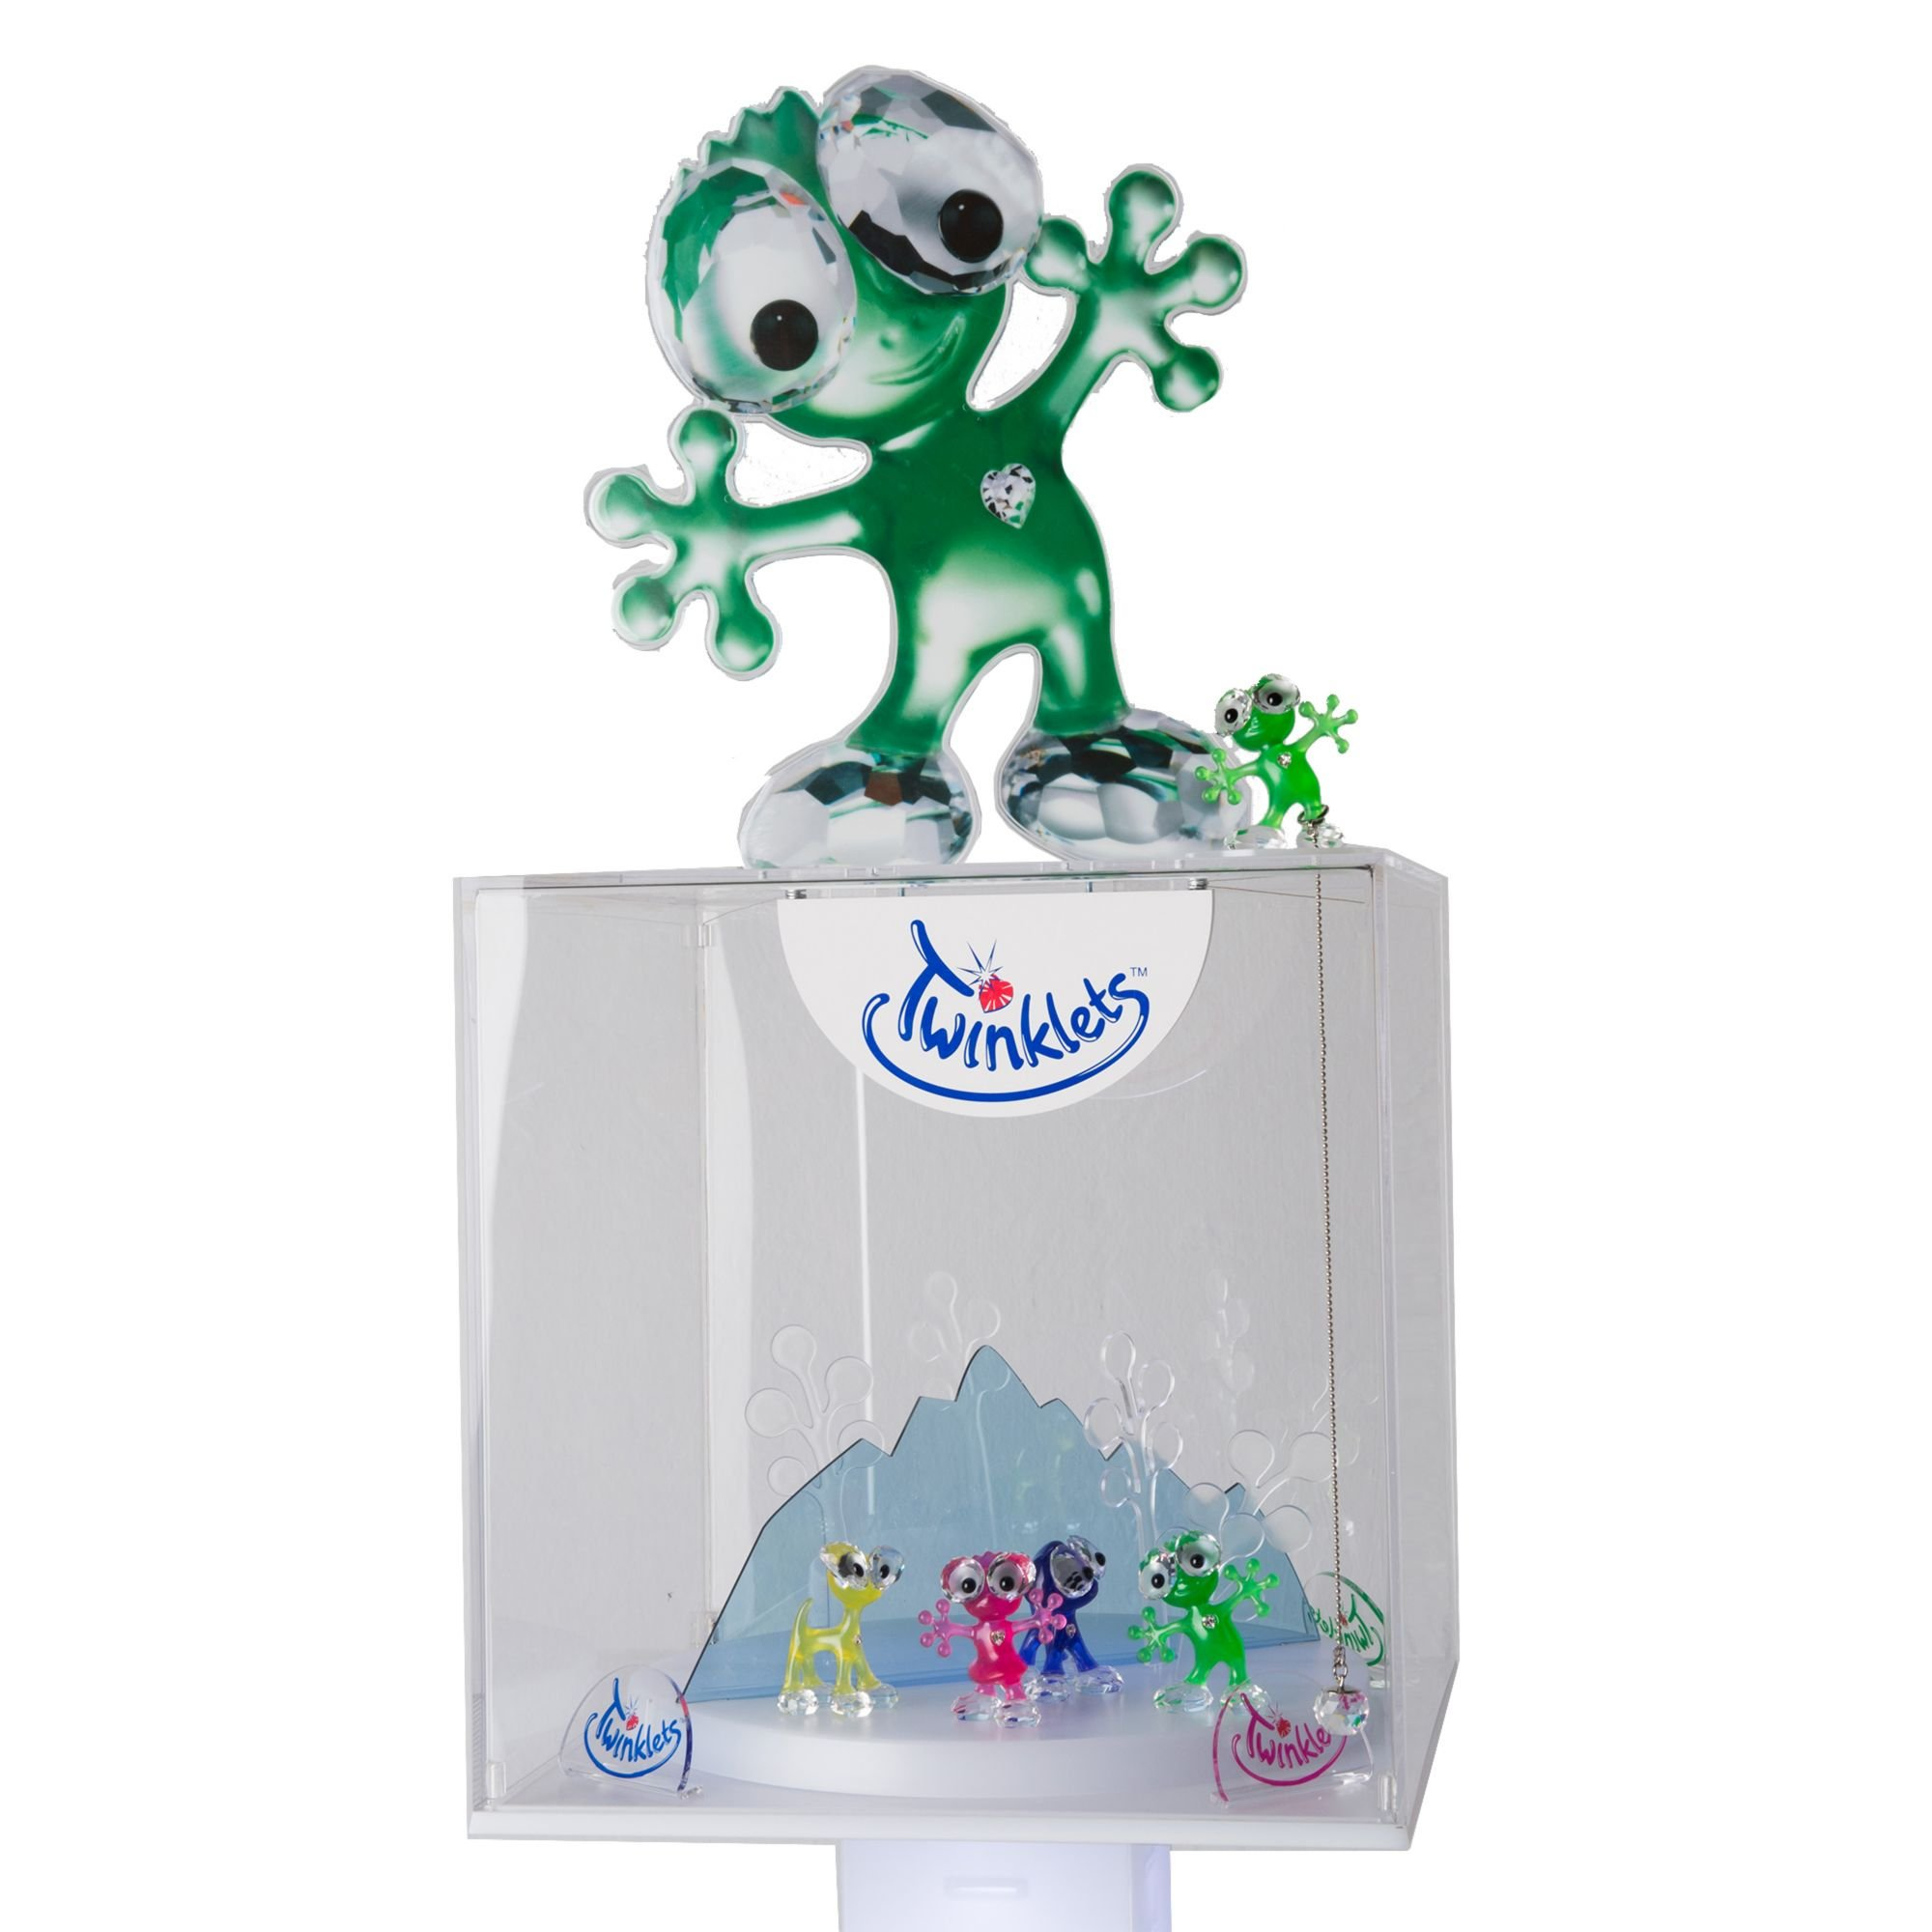 Acryline Verkaufssteller beleuchtet acryl kunststoff werbung verkauf laden dekoration display geschenk verkaufsförderung individuell verkaufskoffer koffer produktekoffer